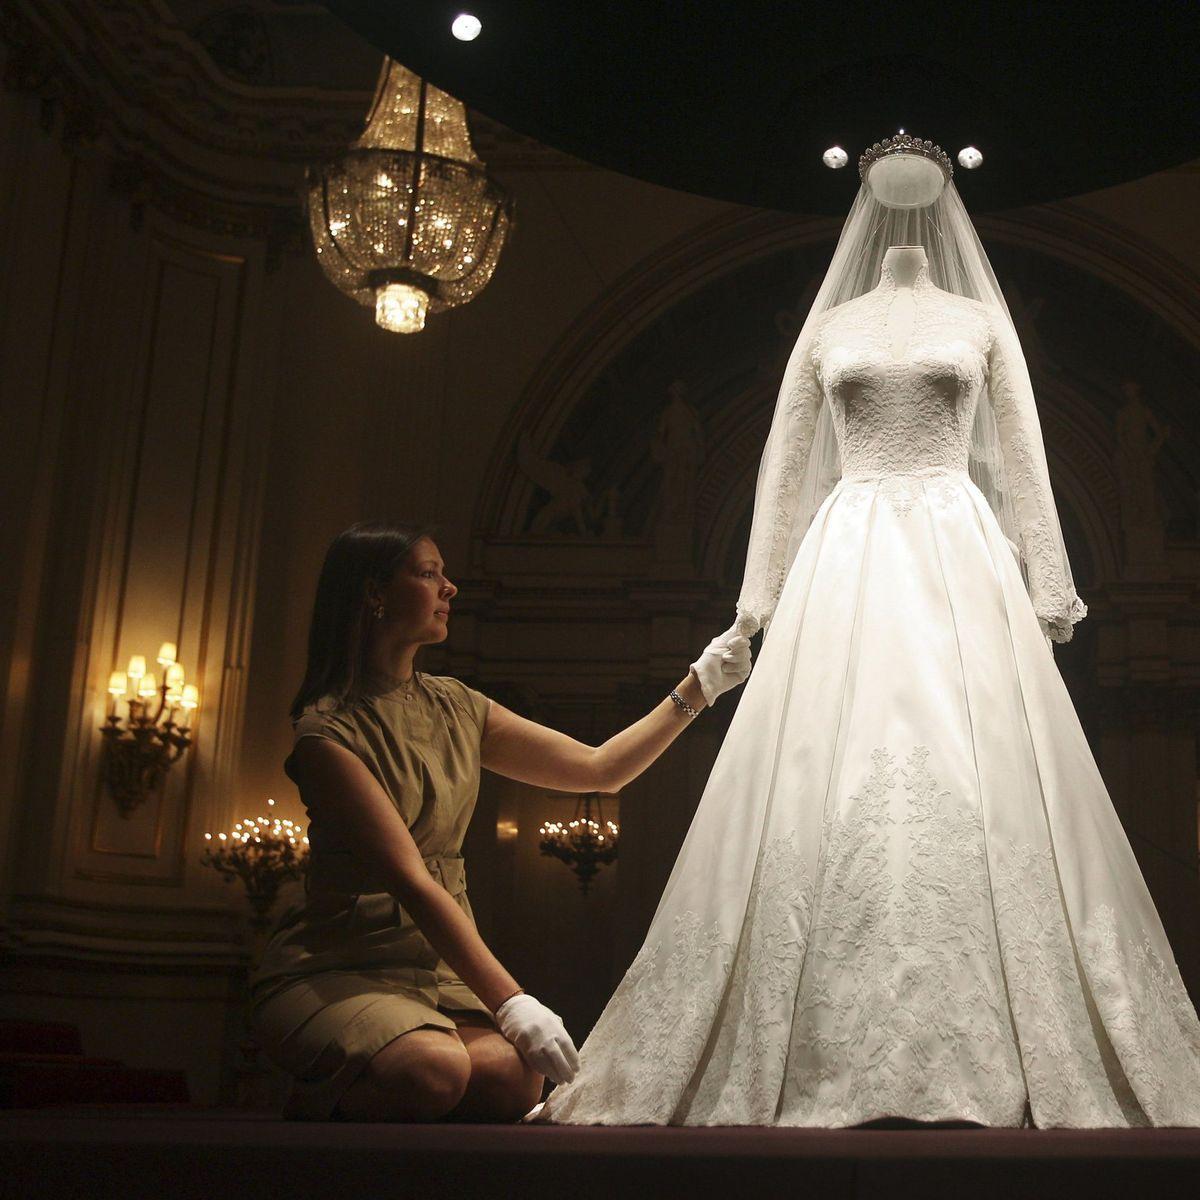 Kates Hochzeitskleid Bei Der Queen: Der Rockpalast - Der Spiegel